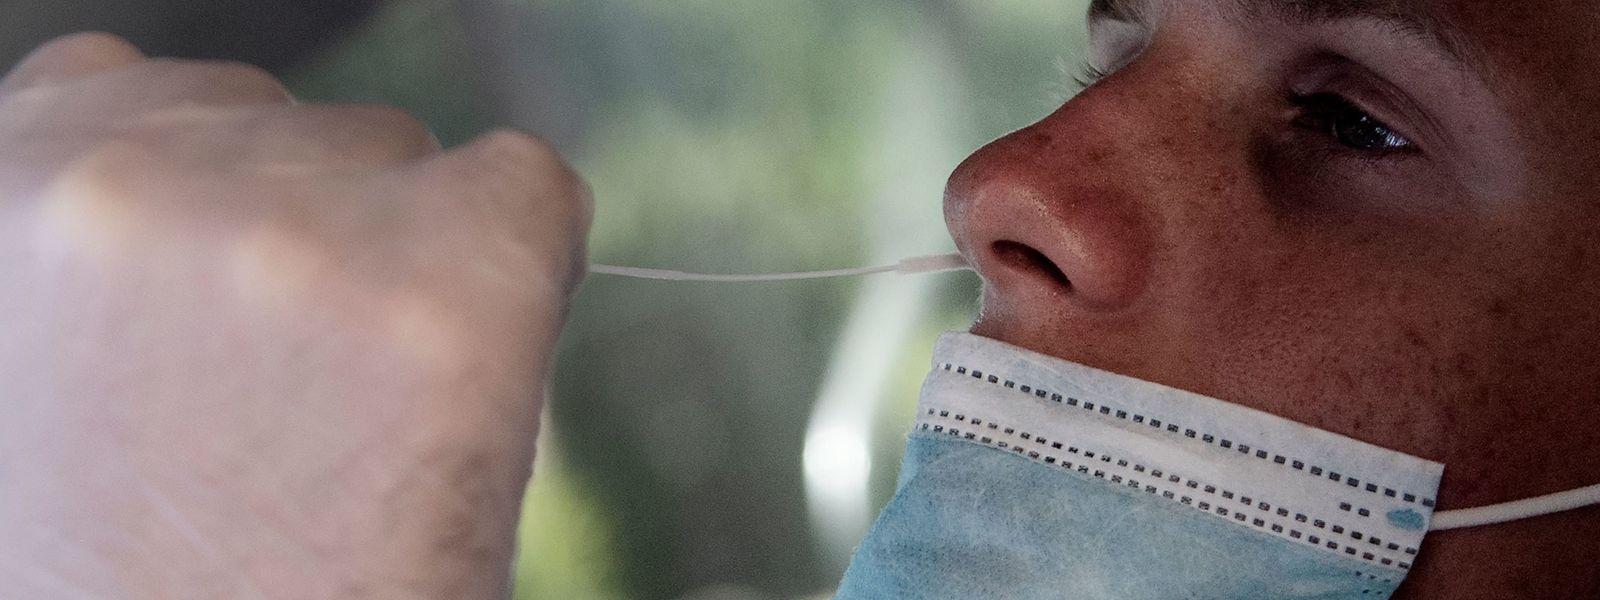 Depuis le début de la semaine, 179 nouveaux cas d'infection covid ont pu être détectés grâce à la campagne de dépistage massif.